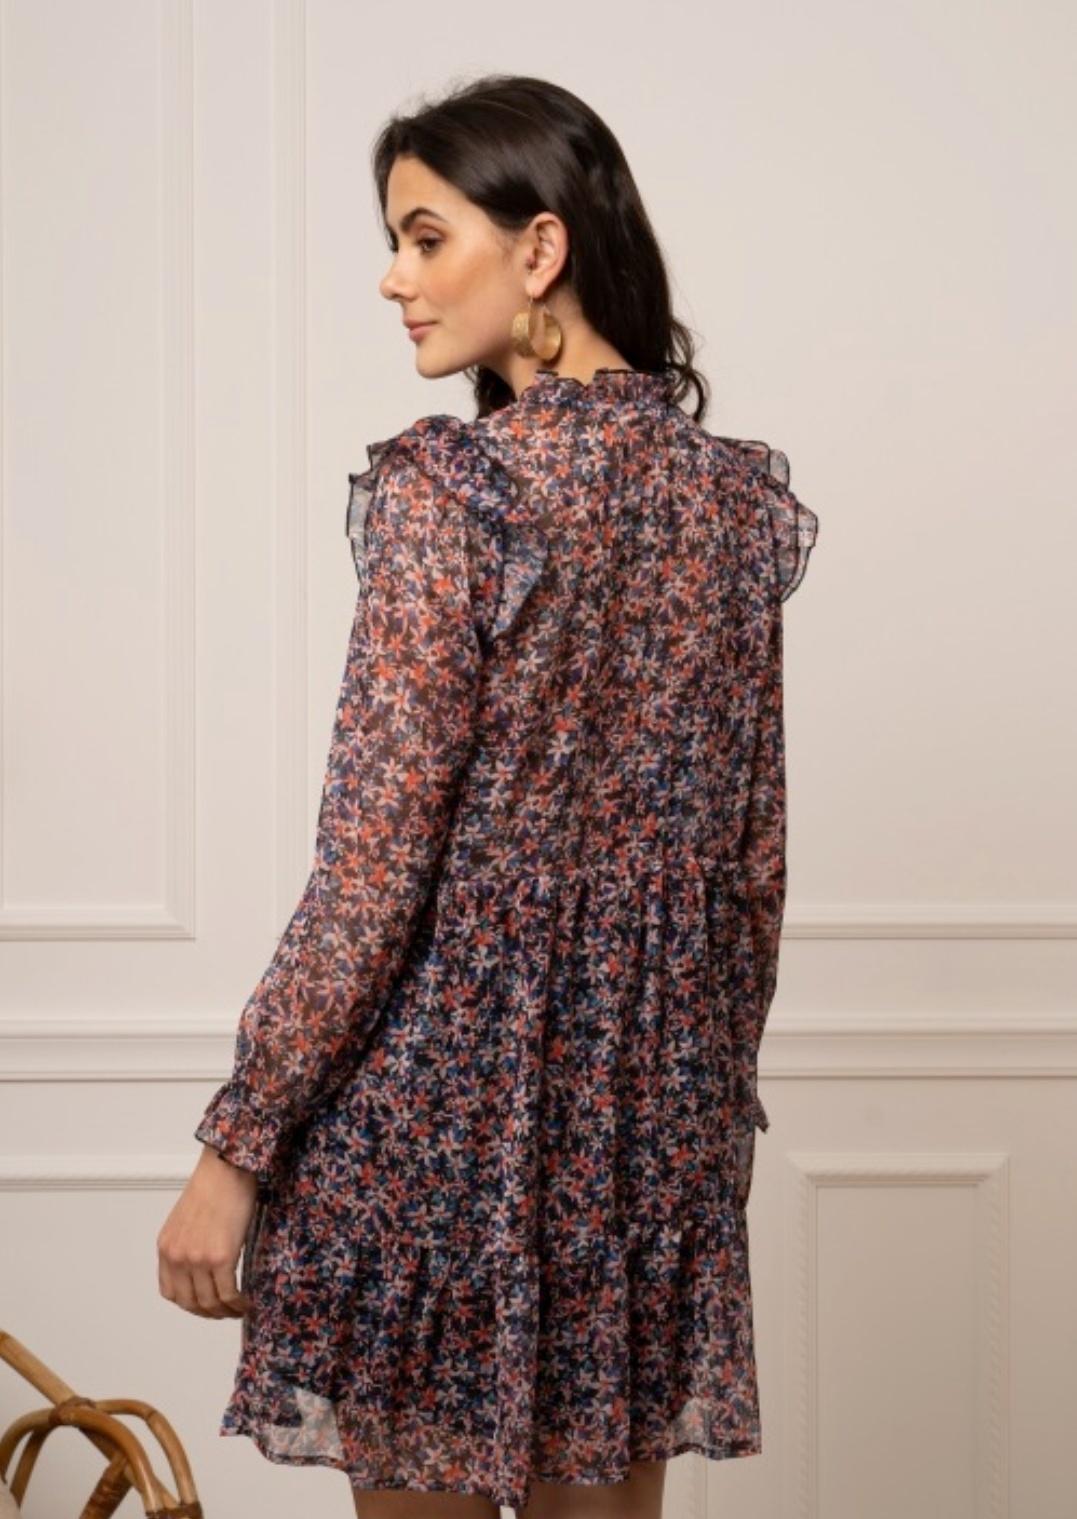 VILLA robe-2